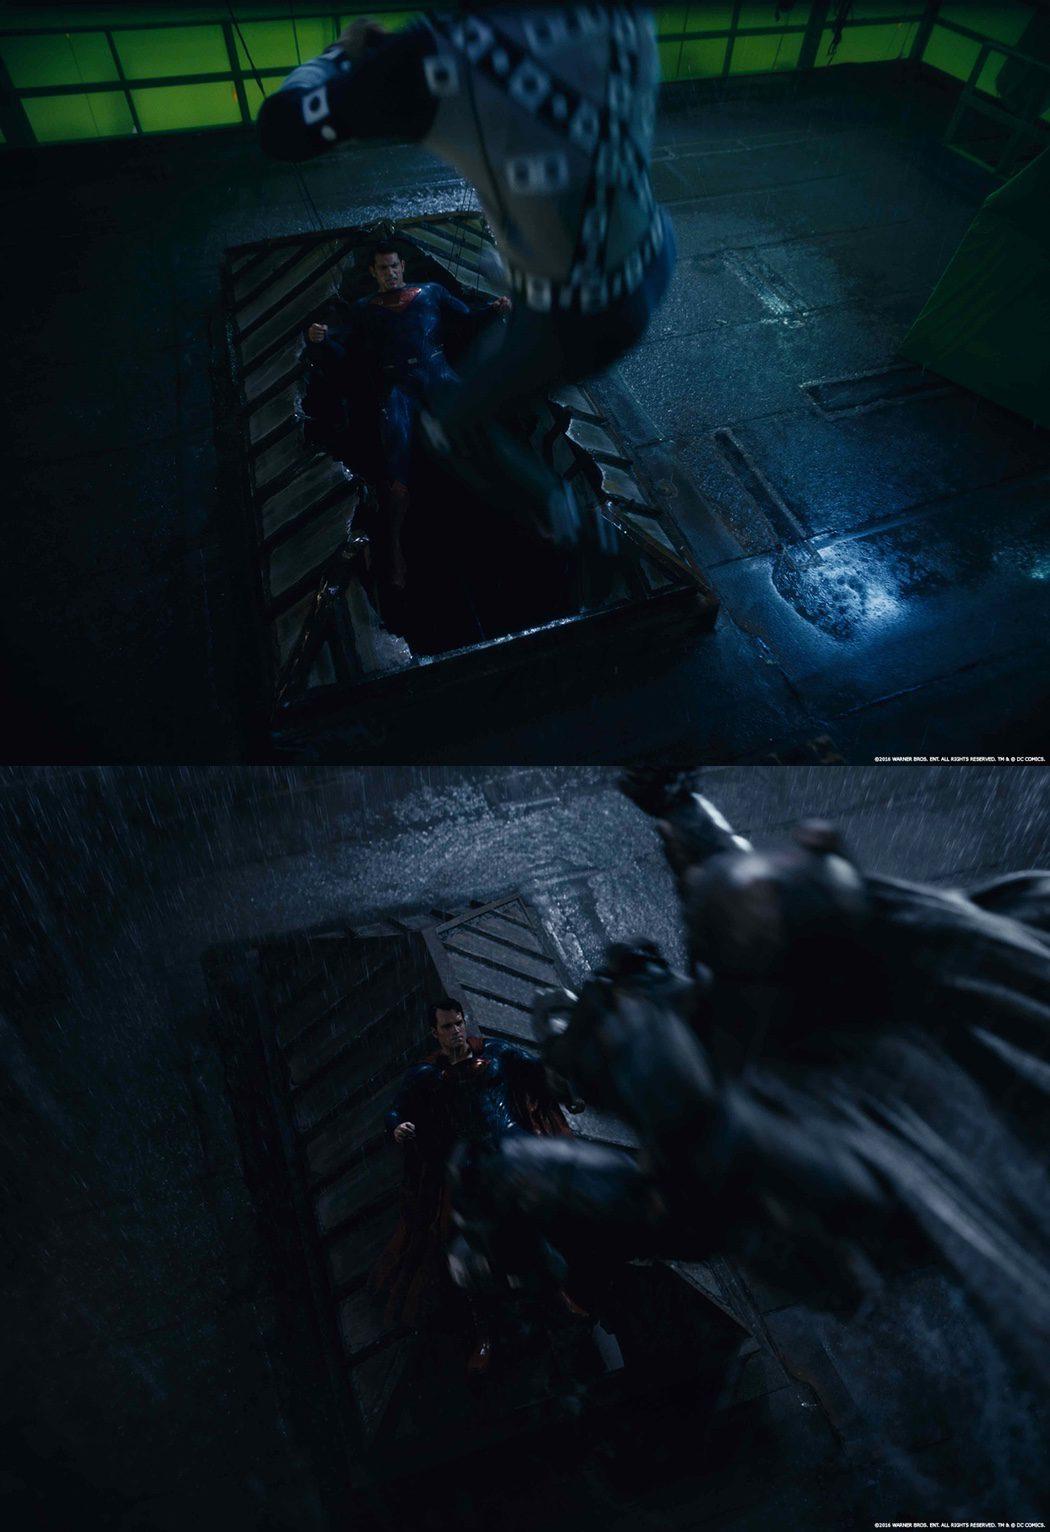 La pelea de Batman y Superman antes de los efectos especiales